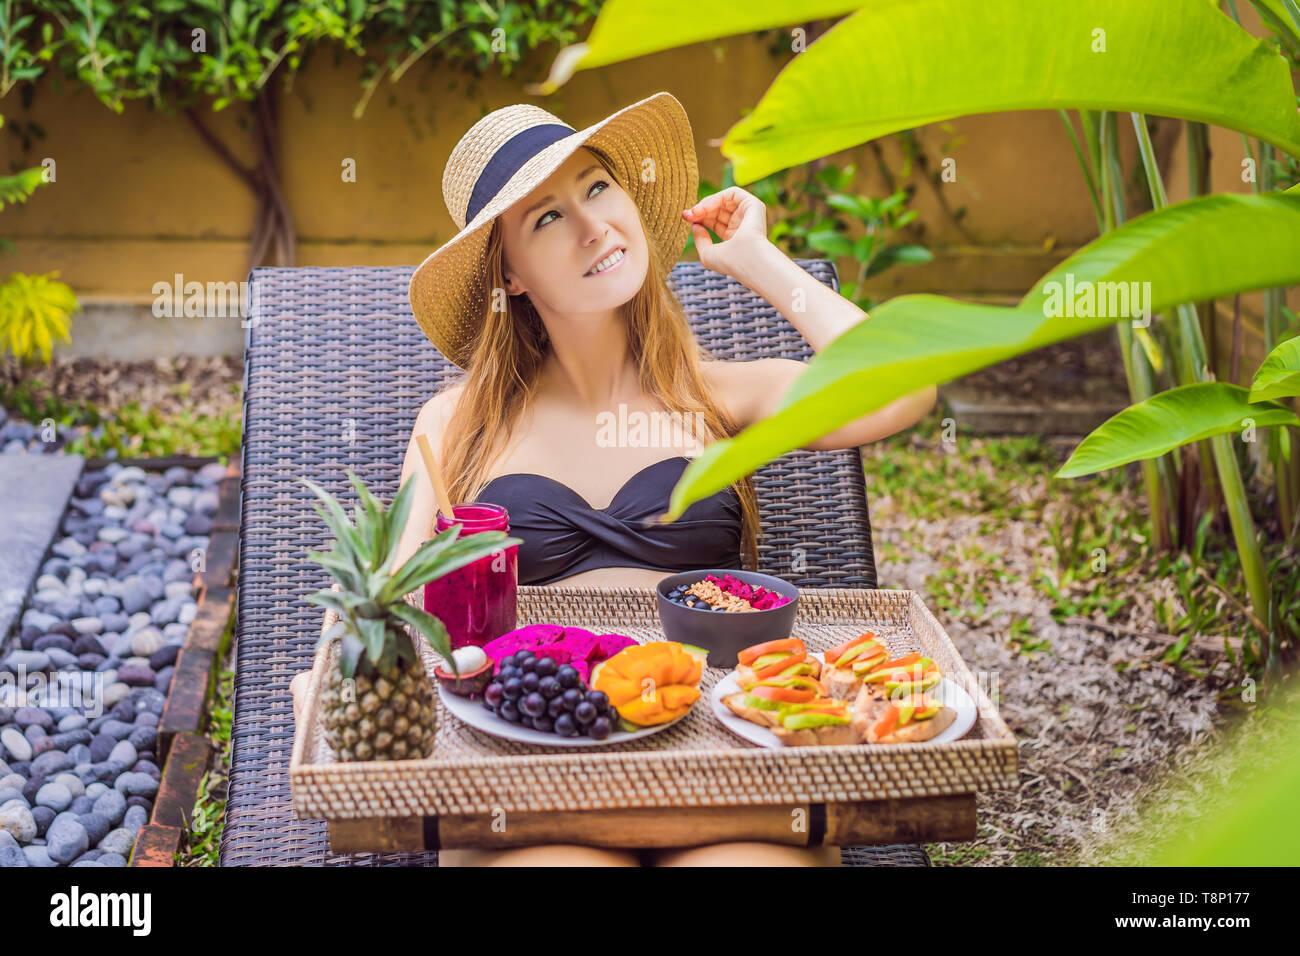 Junge Frau essen Frühstück in einem Sessel auf einem Tablett mit Obst, Brötchen, Avocado Sandwiches, smoothie Schüssel am Pool. Sommer gesunde Ernährung, vegan Stockfoto